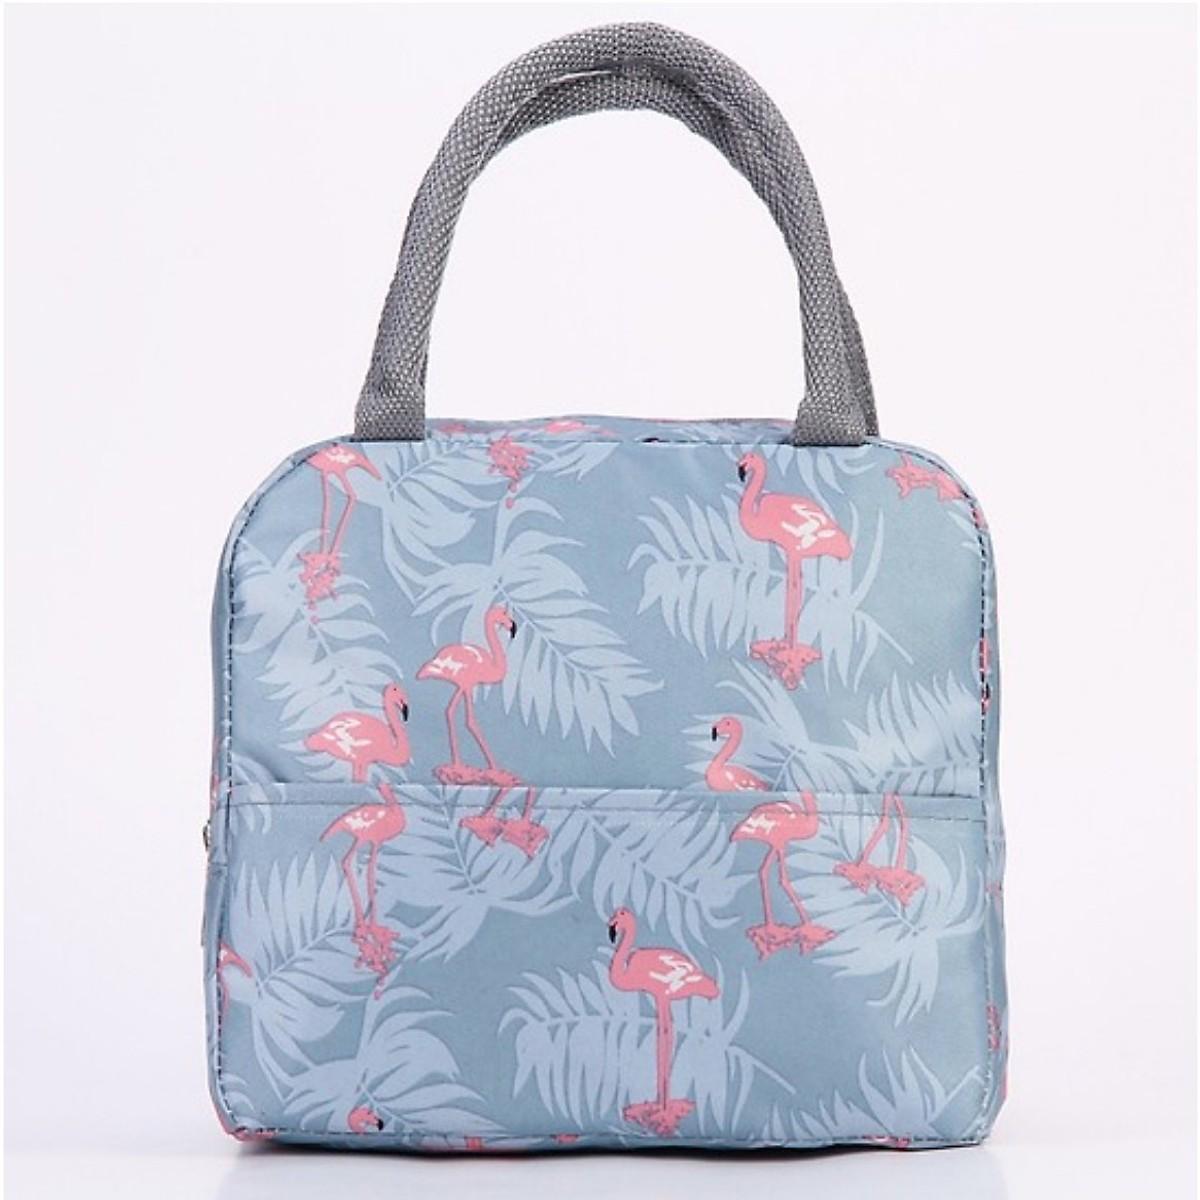 Túi vải đựng cơm bản ngang có lớp giấy bạc giữ nhiệt cực tốt - Tặng 01 túi đựng giầy